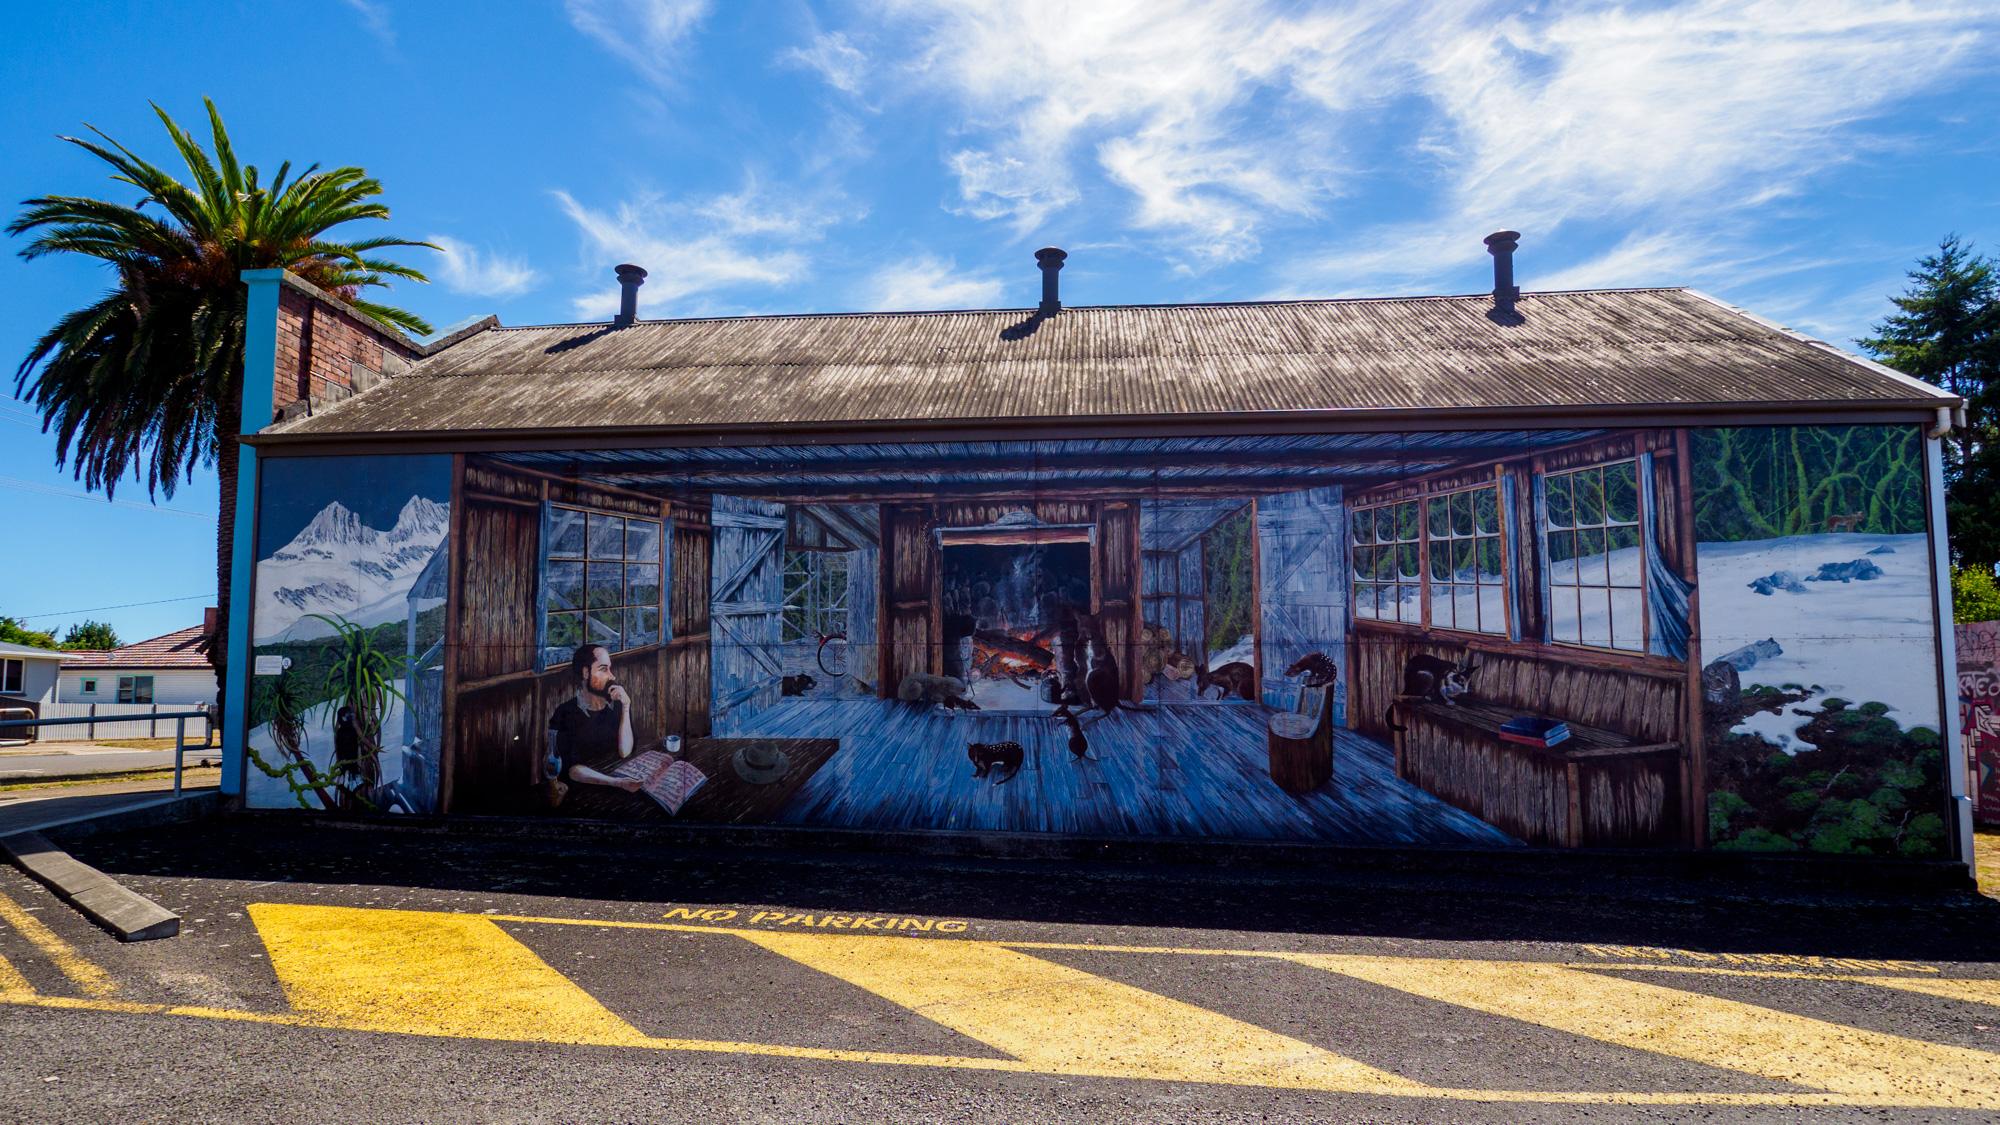 Great Western Tiers - Das erste Mural in Sheffield erzählt die Geschichte von Gustav Weindorfer